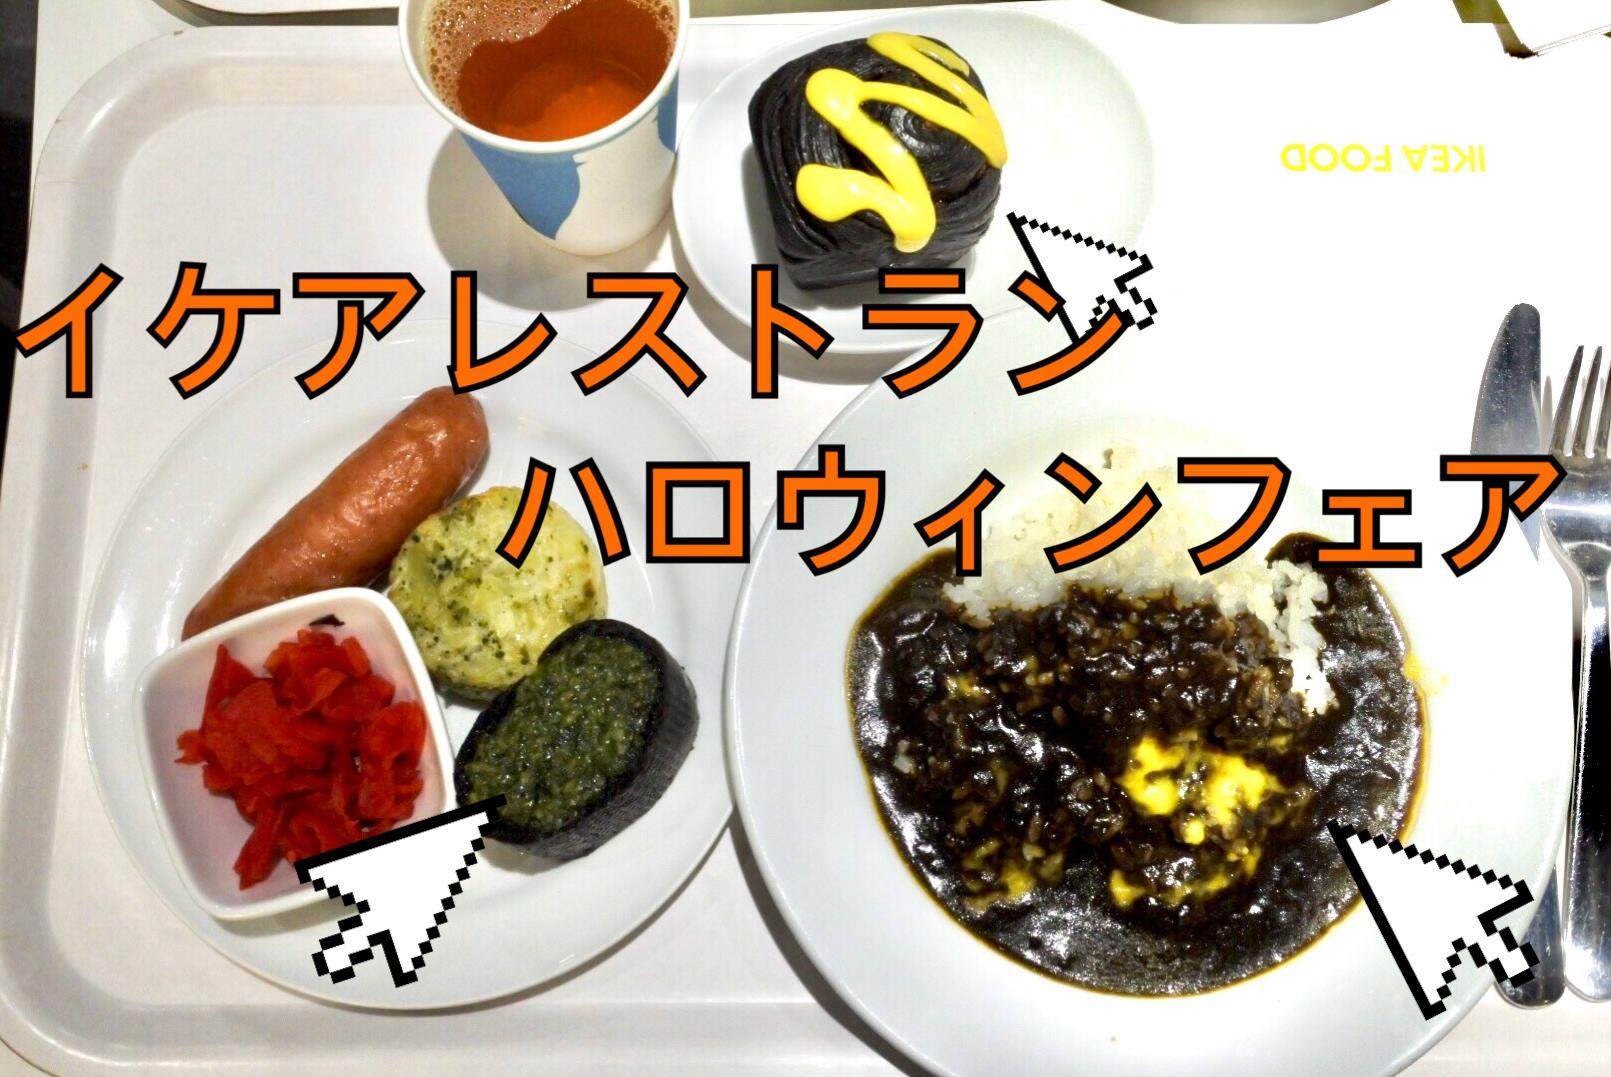 イケアレストランでハロウィン!ブラックフードづくしのスウェーデン料理♪